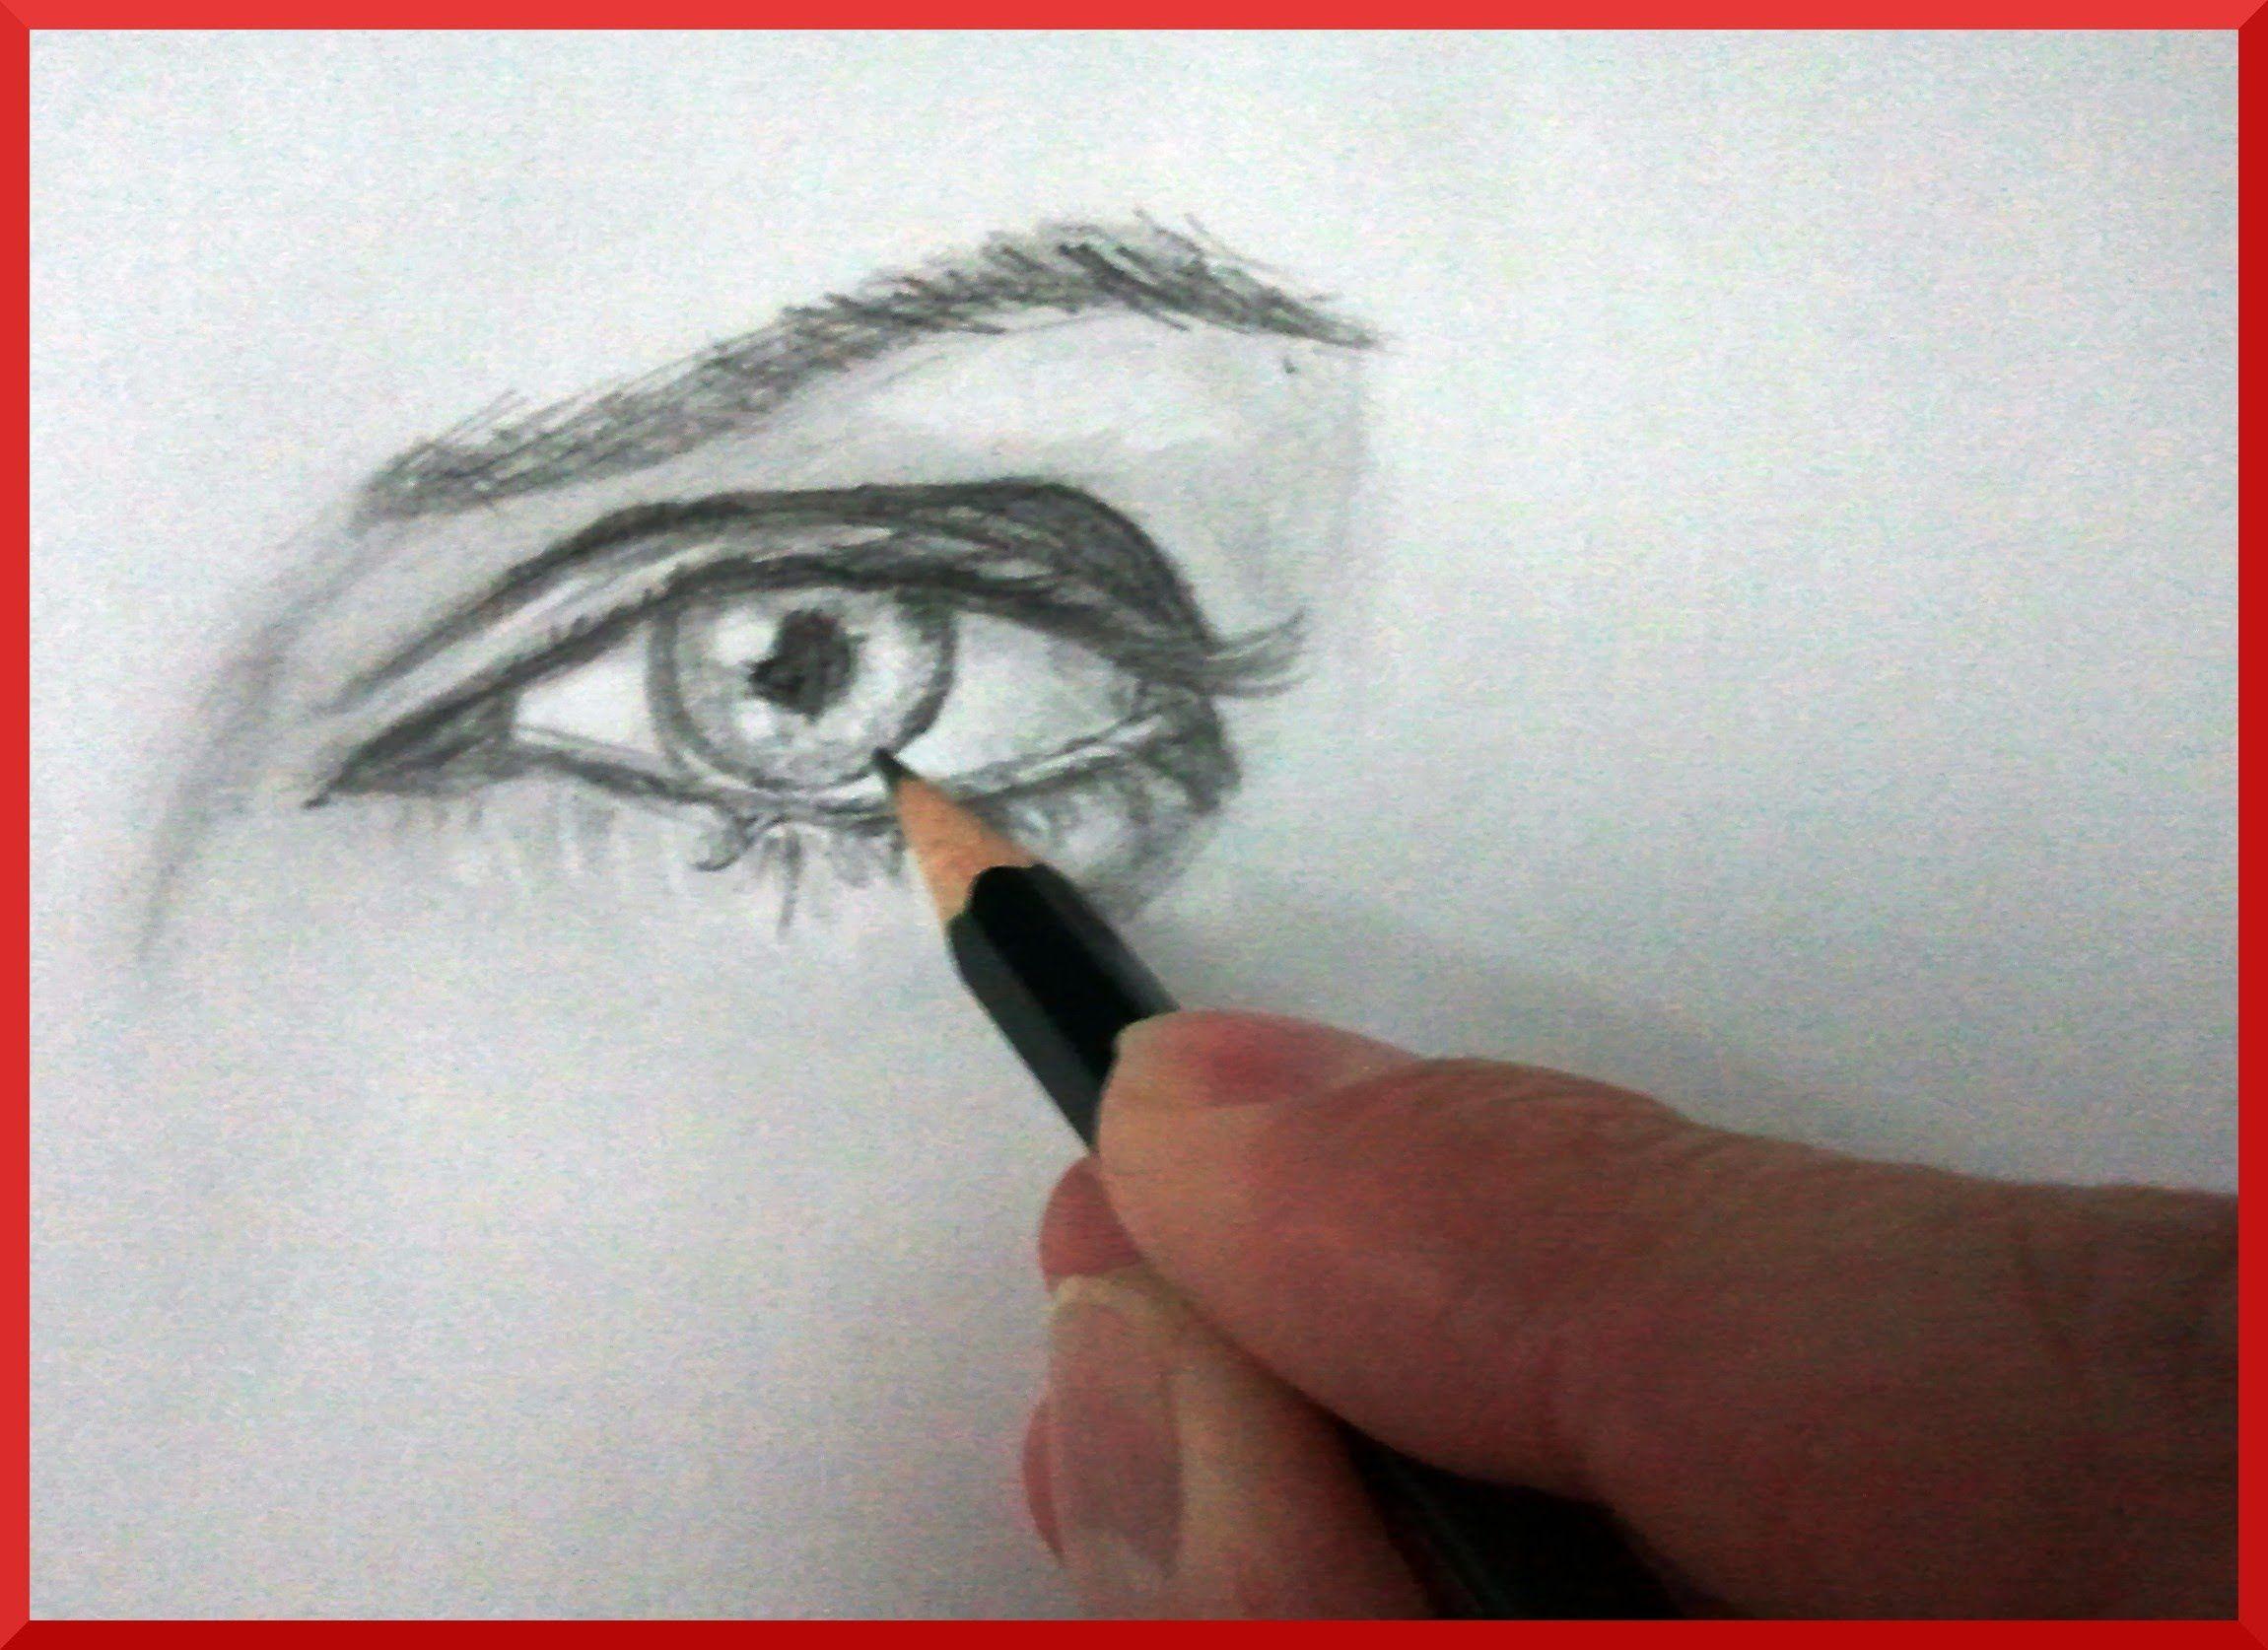 Tecnicas Para Dibujar: Como Dibujar Ojos (Mejor) How To Draw Eyes (Better